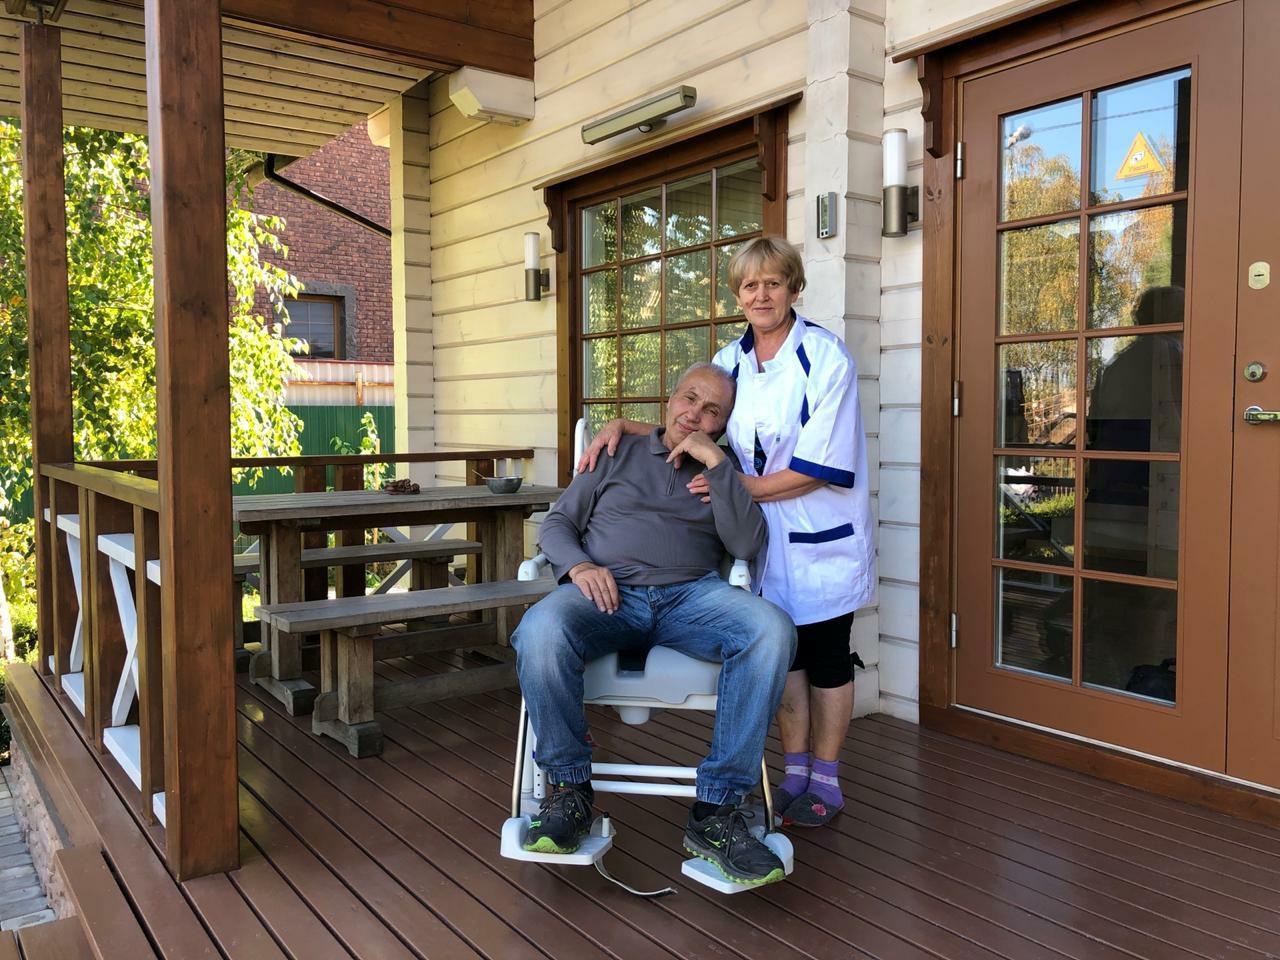 Дома престарелых: забота или выкачка денег с родственников?